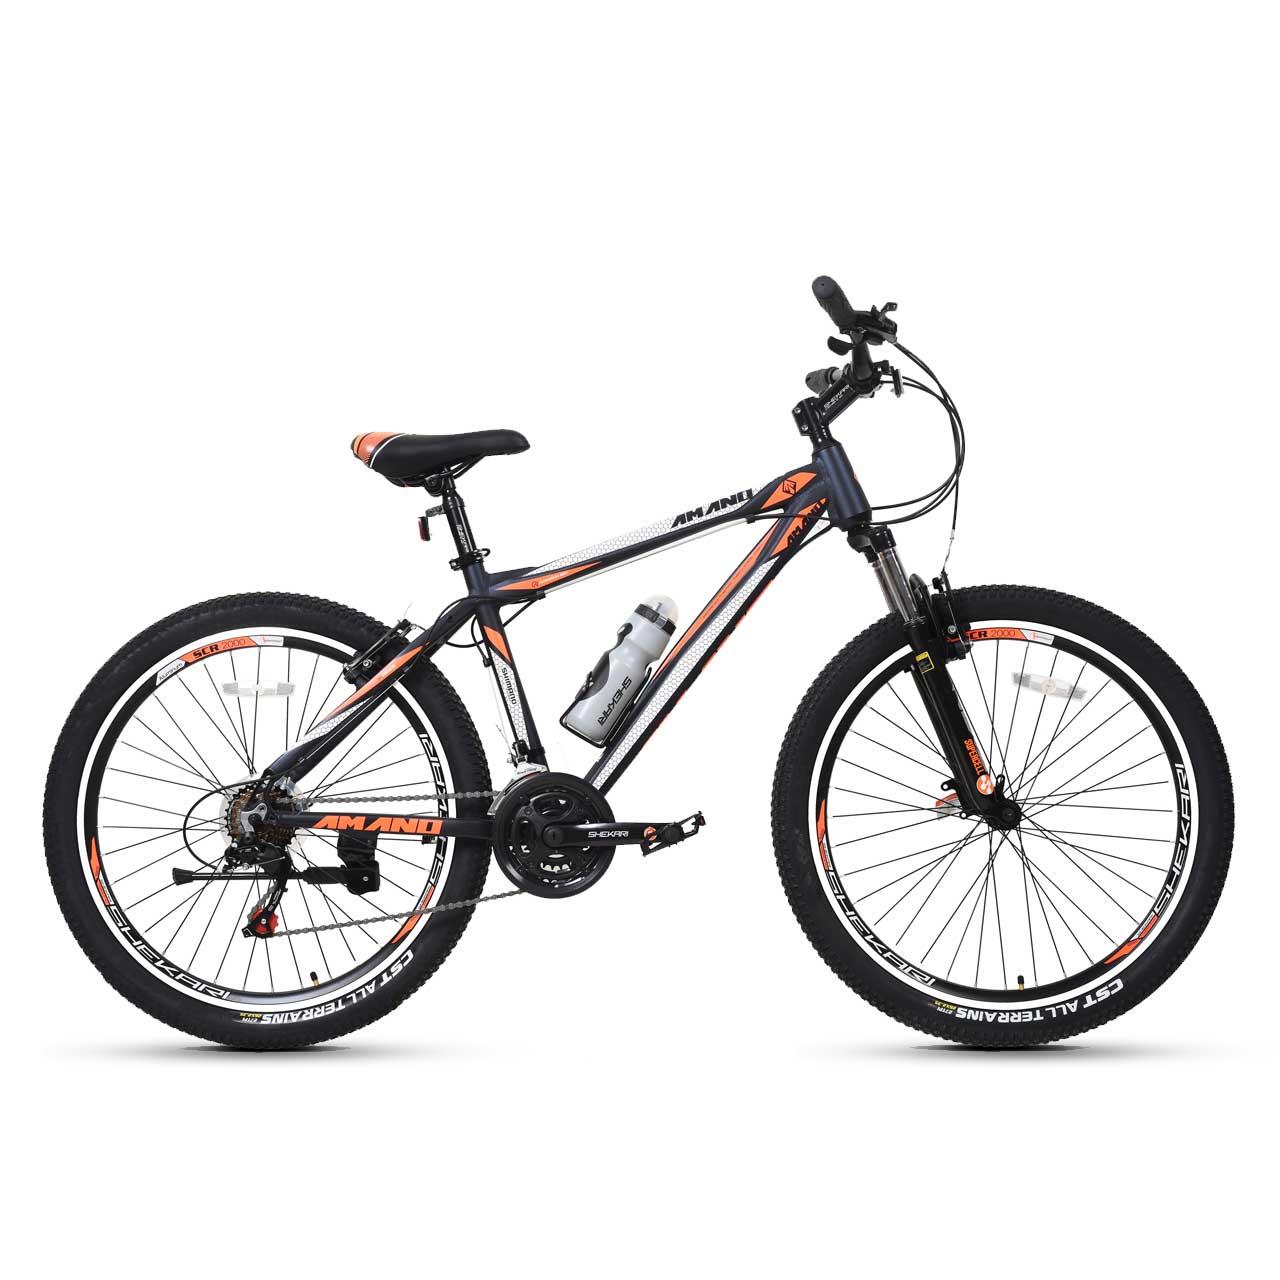 دوچرخه کوهستان آمانو مدل A1700 سایز ۲۶